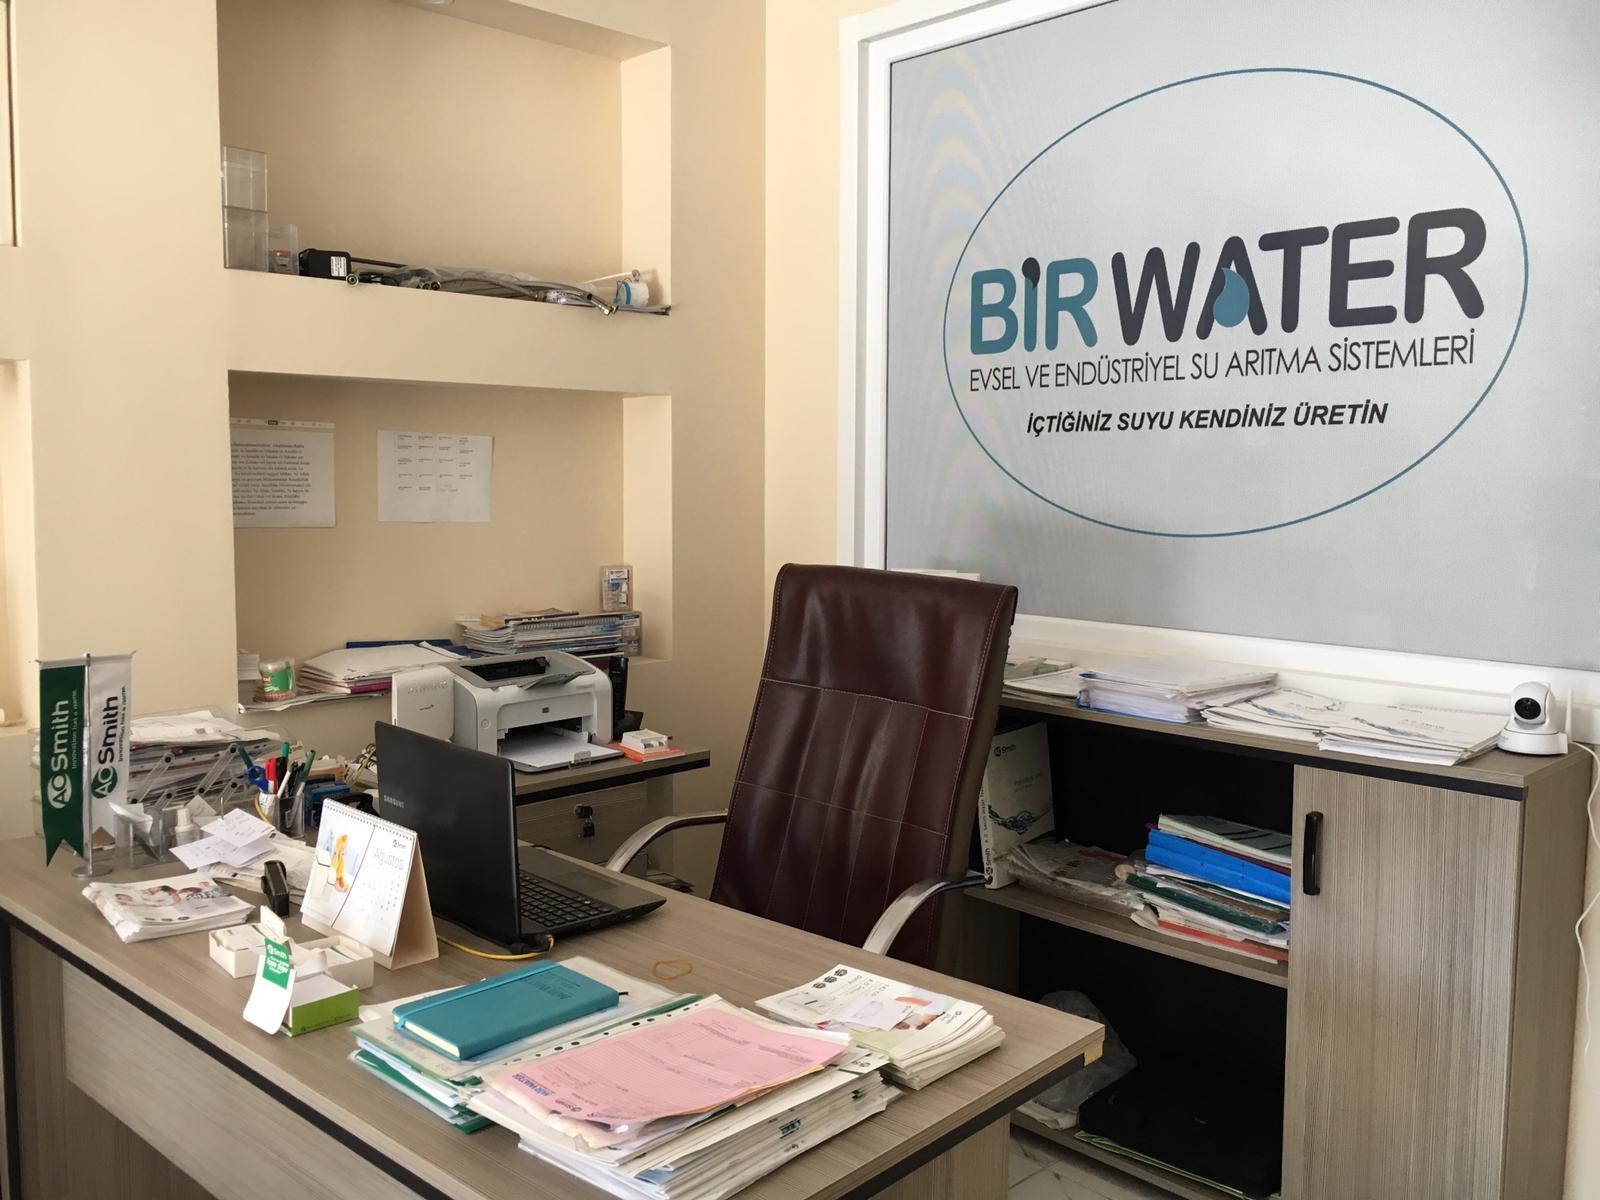 Birwater Sakarya su arıtma